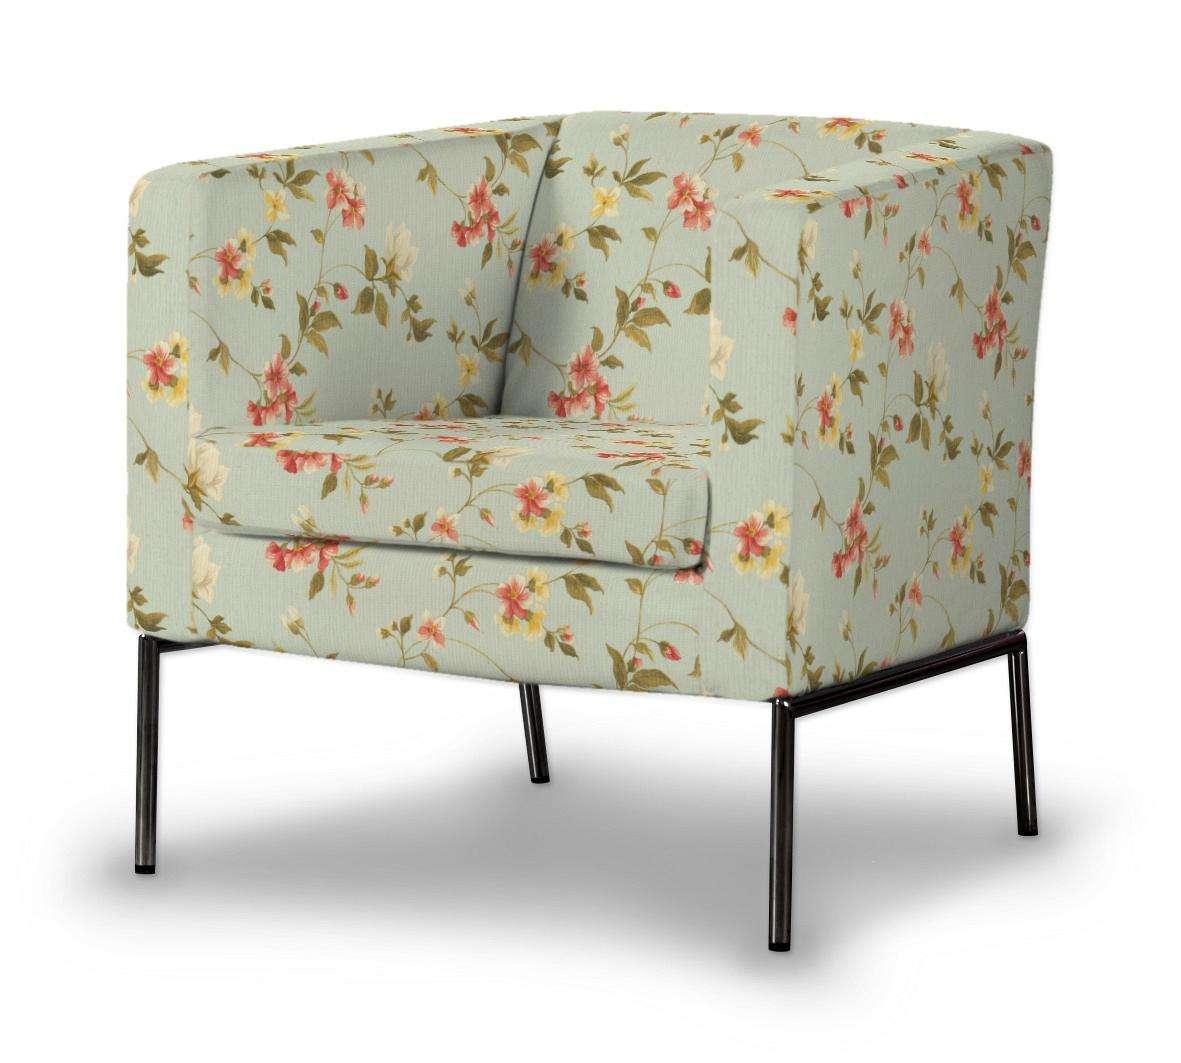 Pokrowiec na fotel Klappsta Fotel Klappsta w kolekcji Londres, tkanina: 124-65